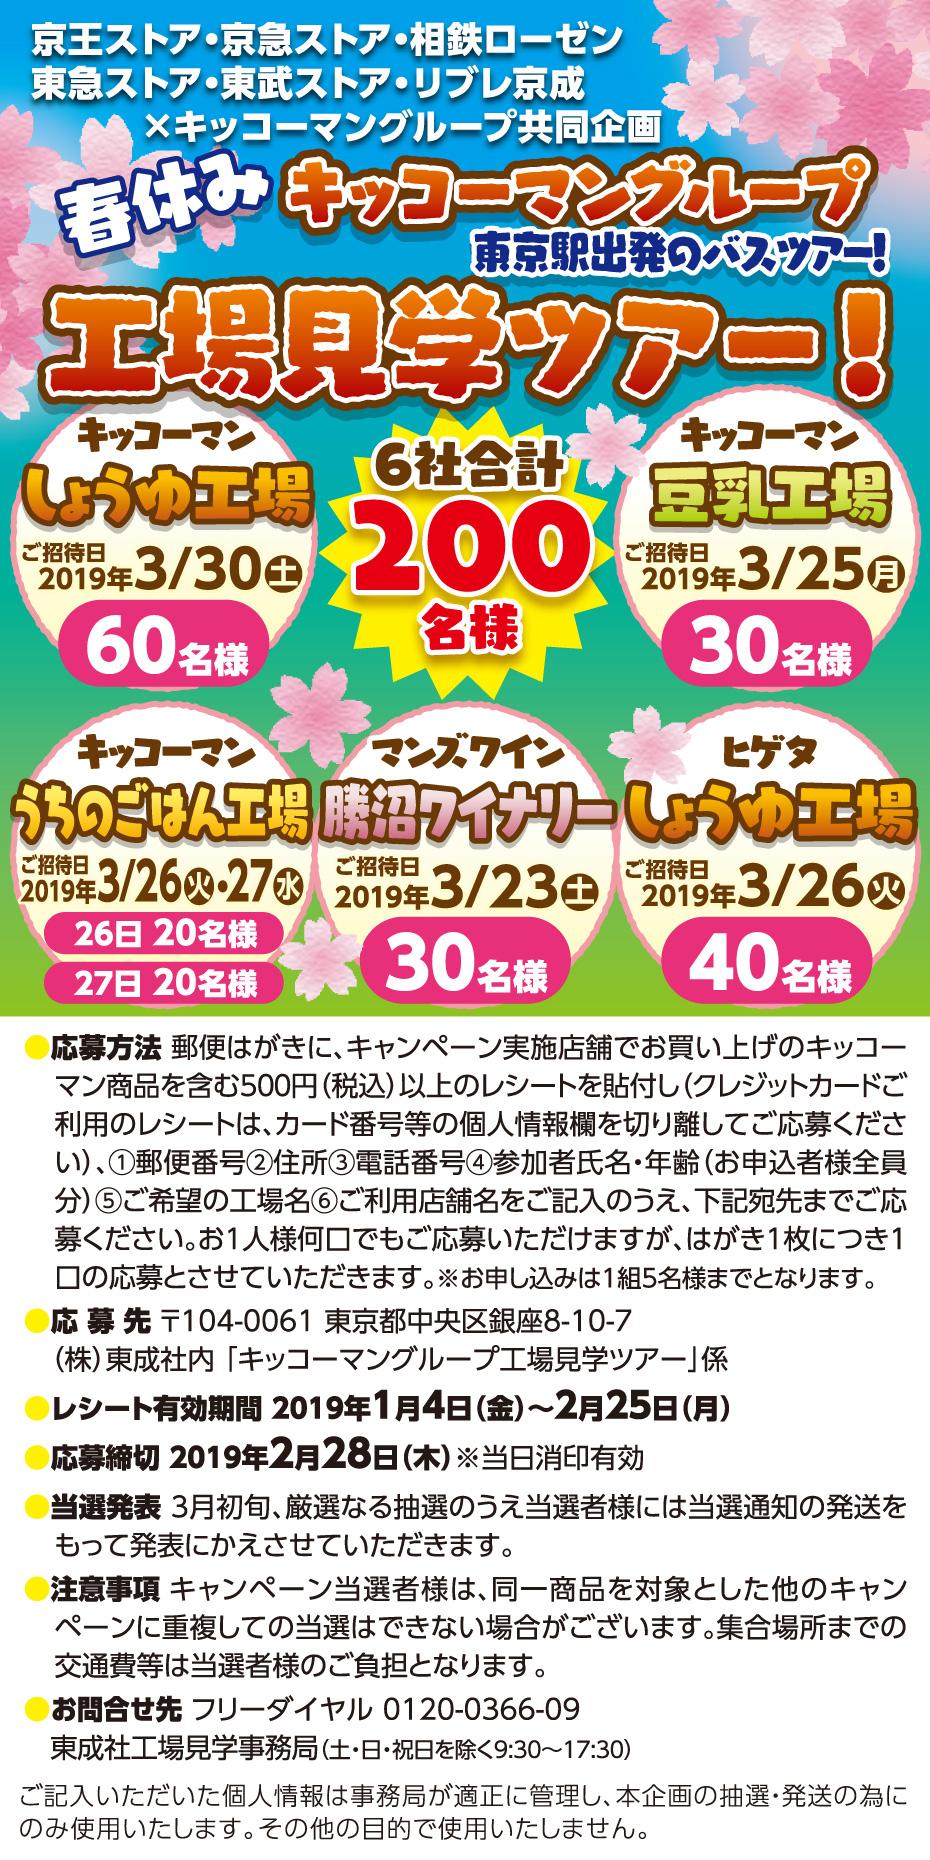 私鉄グループ(東武ストア)×キッコーマングループ 工場見学ツアー